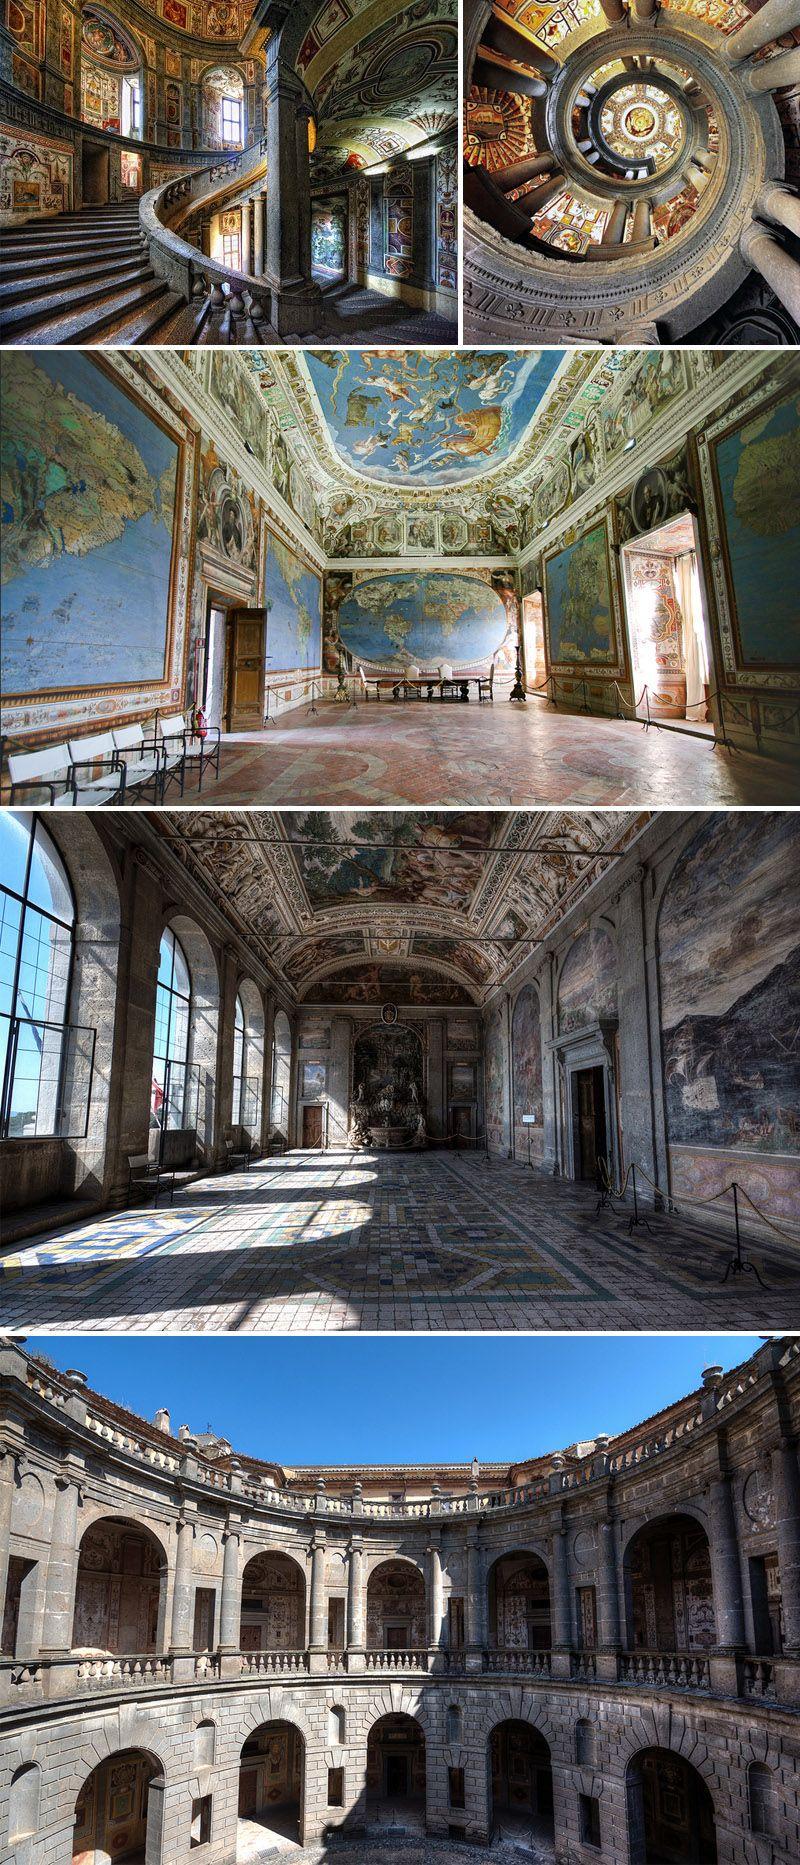 Palazzo farnese a caprarola nel lazio gli interni for Gli interni delle case piu belle d italia